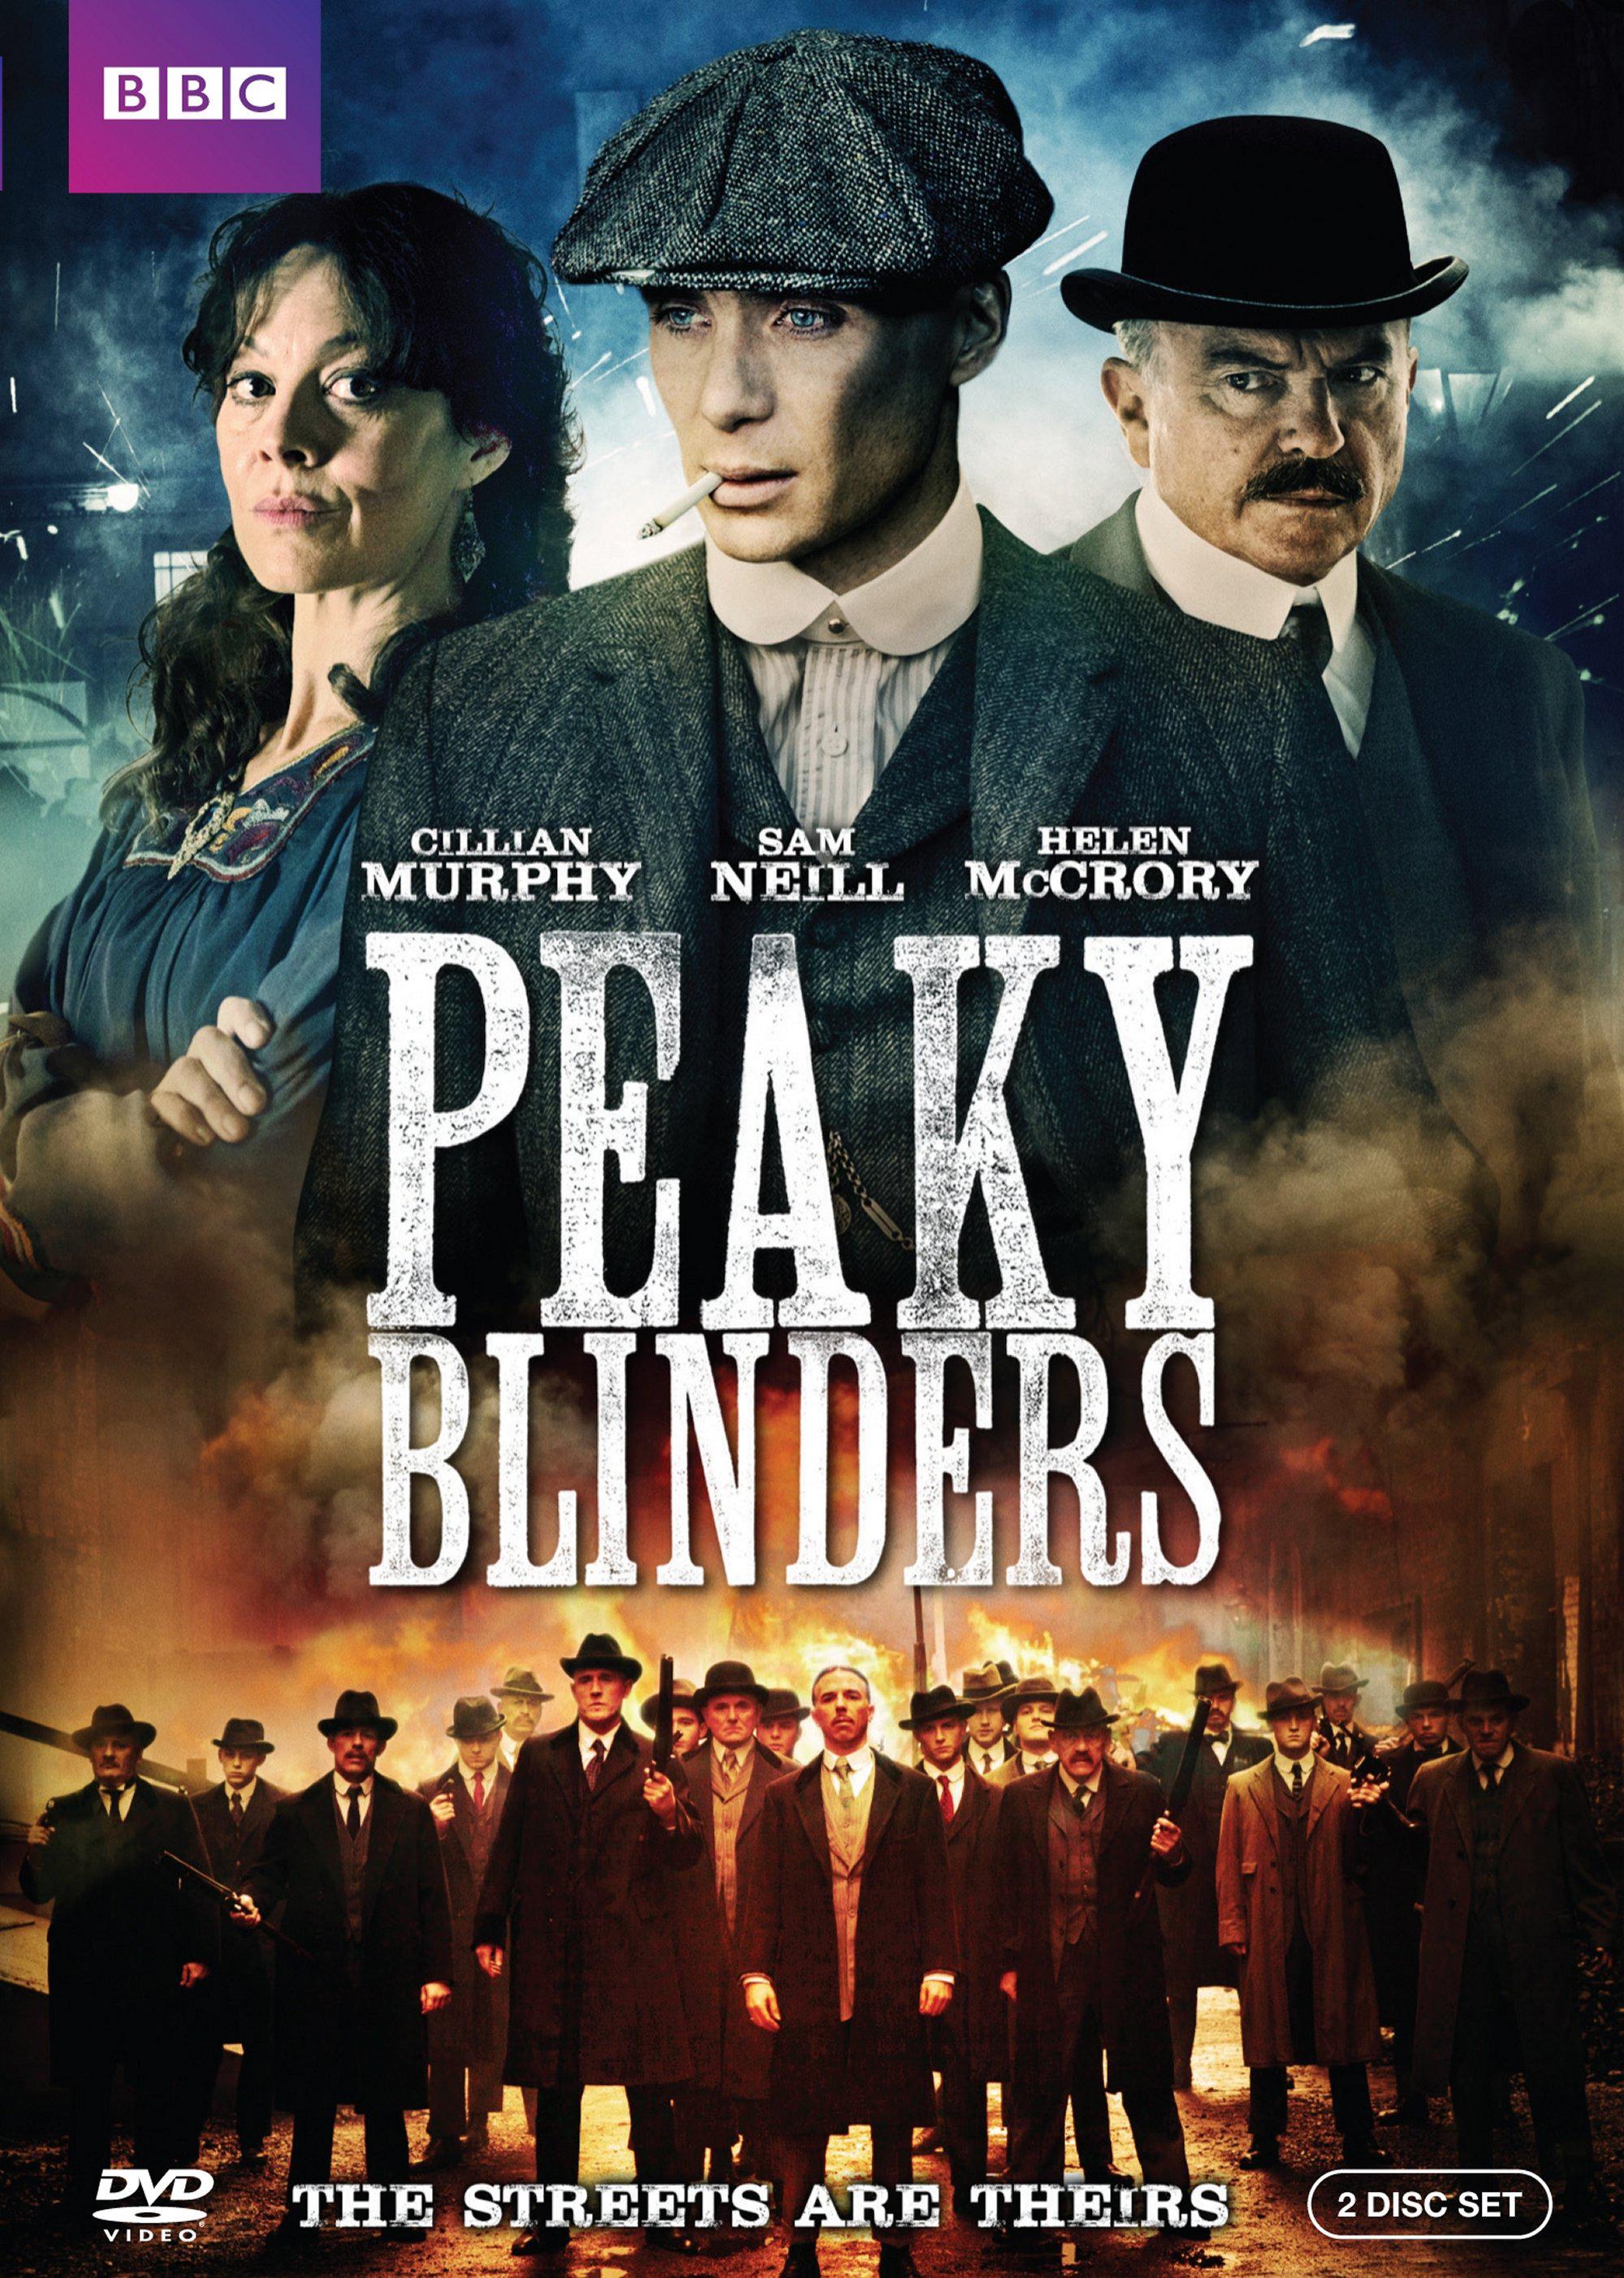 The Peaky Blinders: Season One [2 Discs] (dvd) 4561818